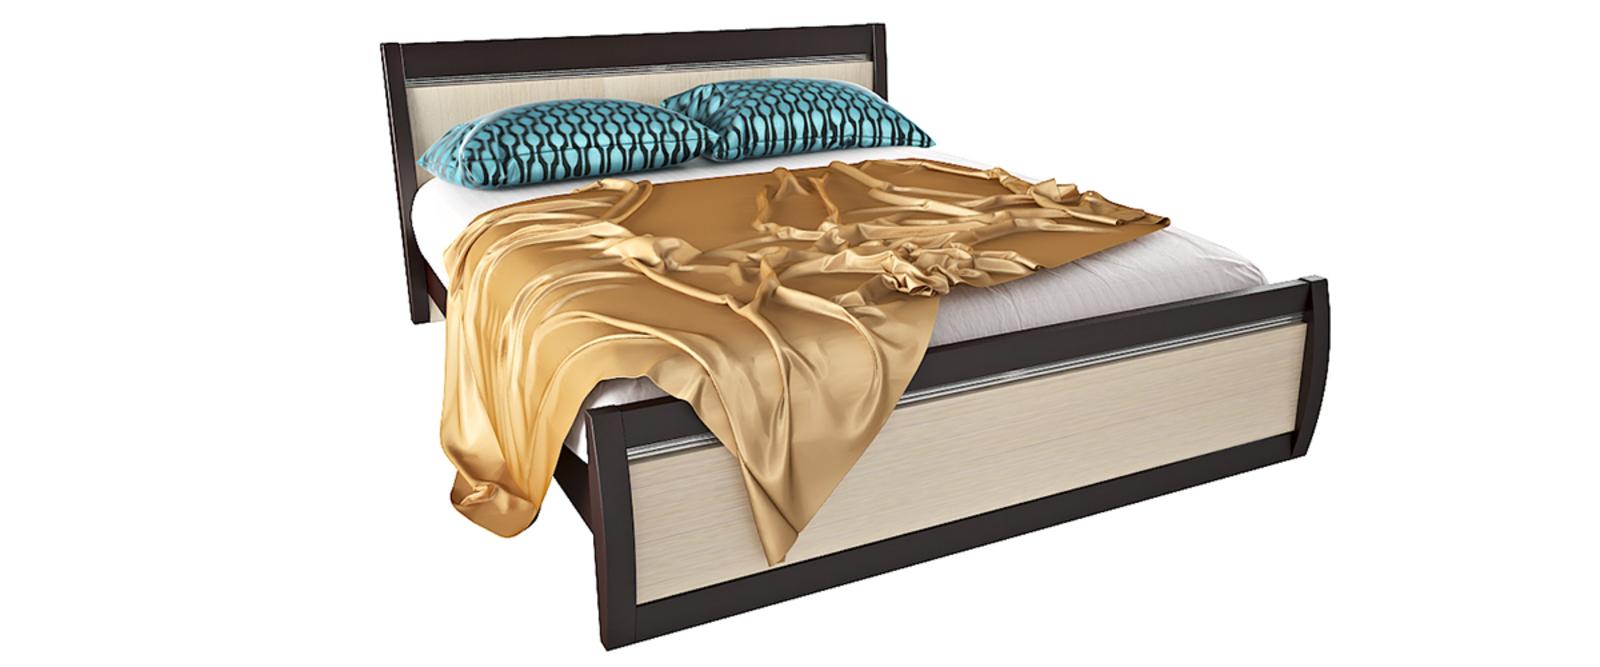 Кровать каркасная 200х160 Корсика без подъемного механизма (Ясень глянец) Корсика